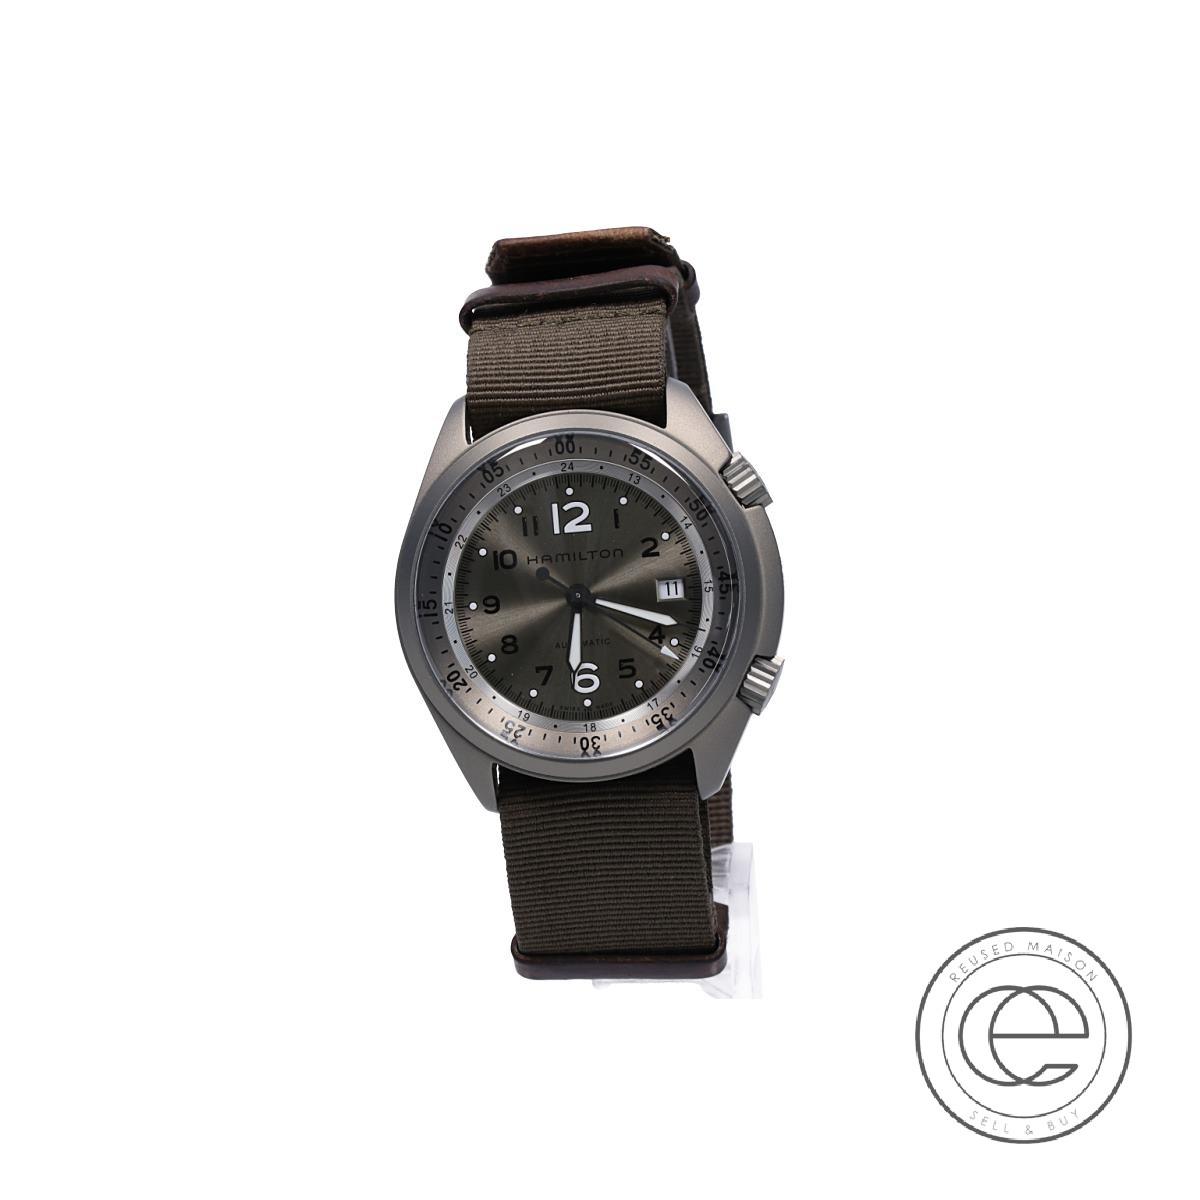 HAMILTONハミルトン H80405865 Khaki Aviation カーキ アビエーション パイロット パイオニア アルミニウム 自動巻き腕時計 メンズ 【中古】